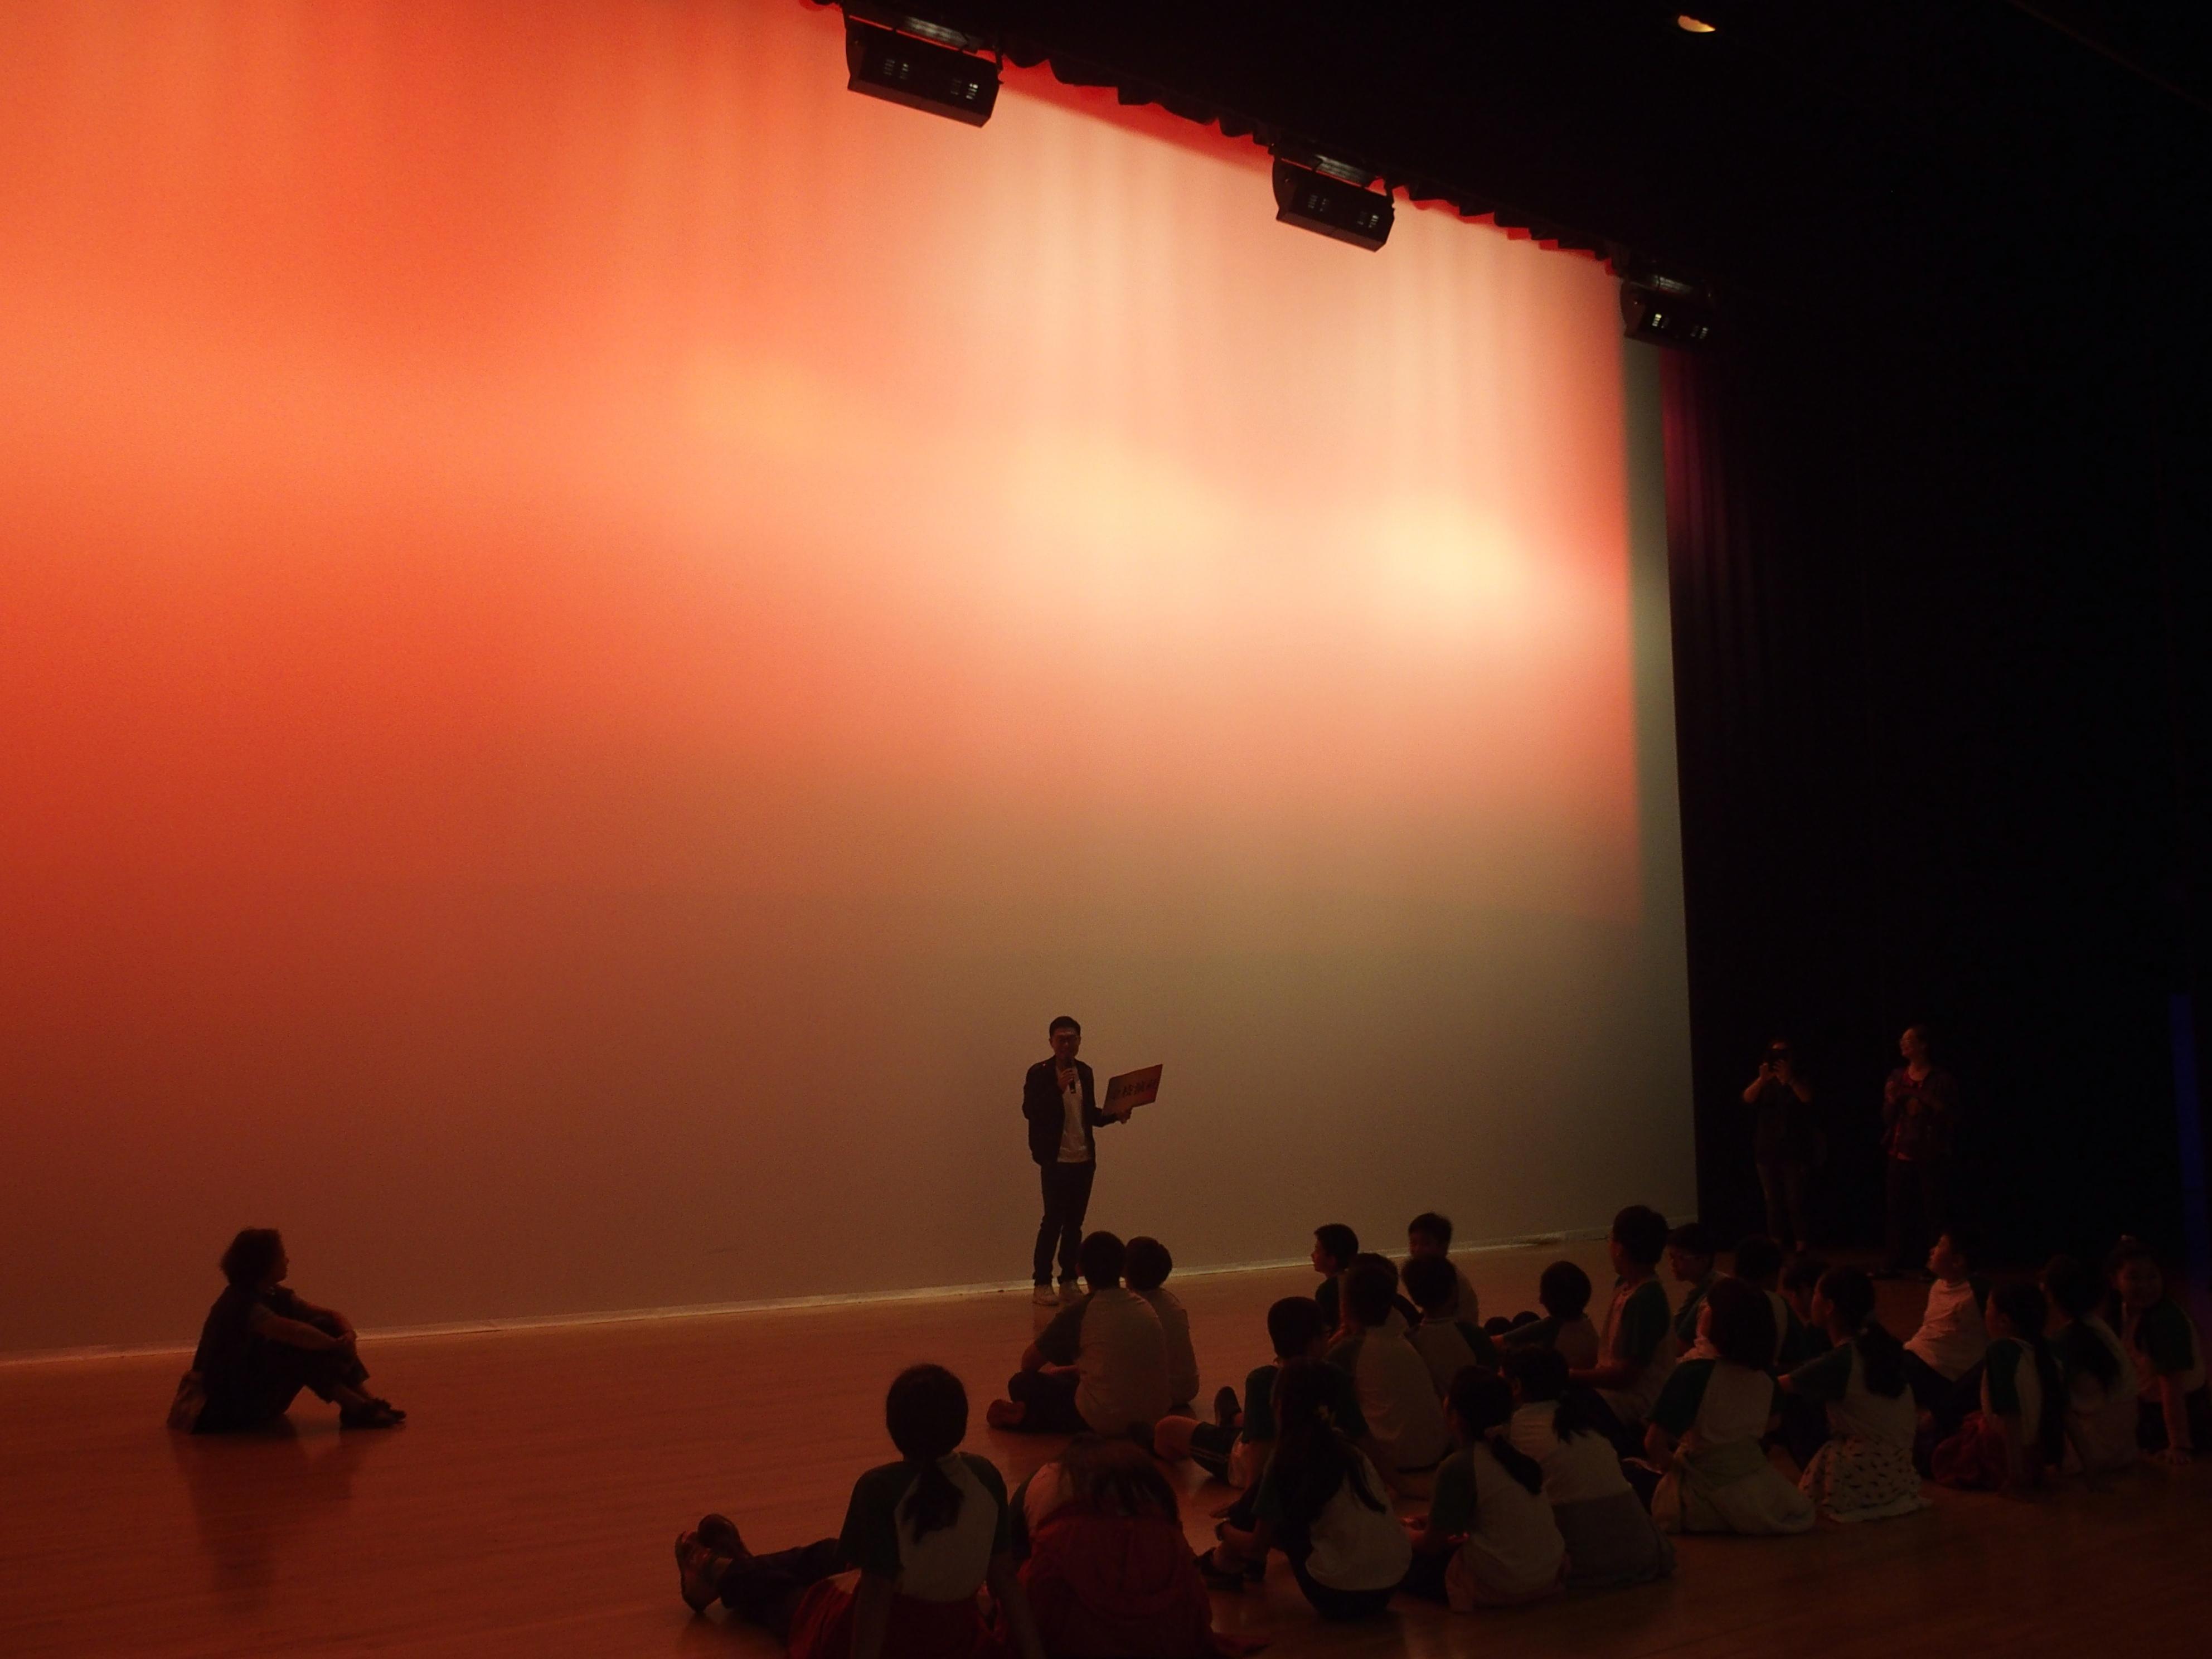 劇場好有趣─演藝廳創意導覽,揭開劇場神秘面紗